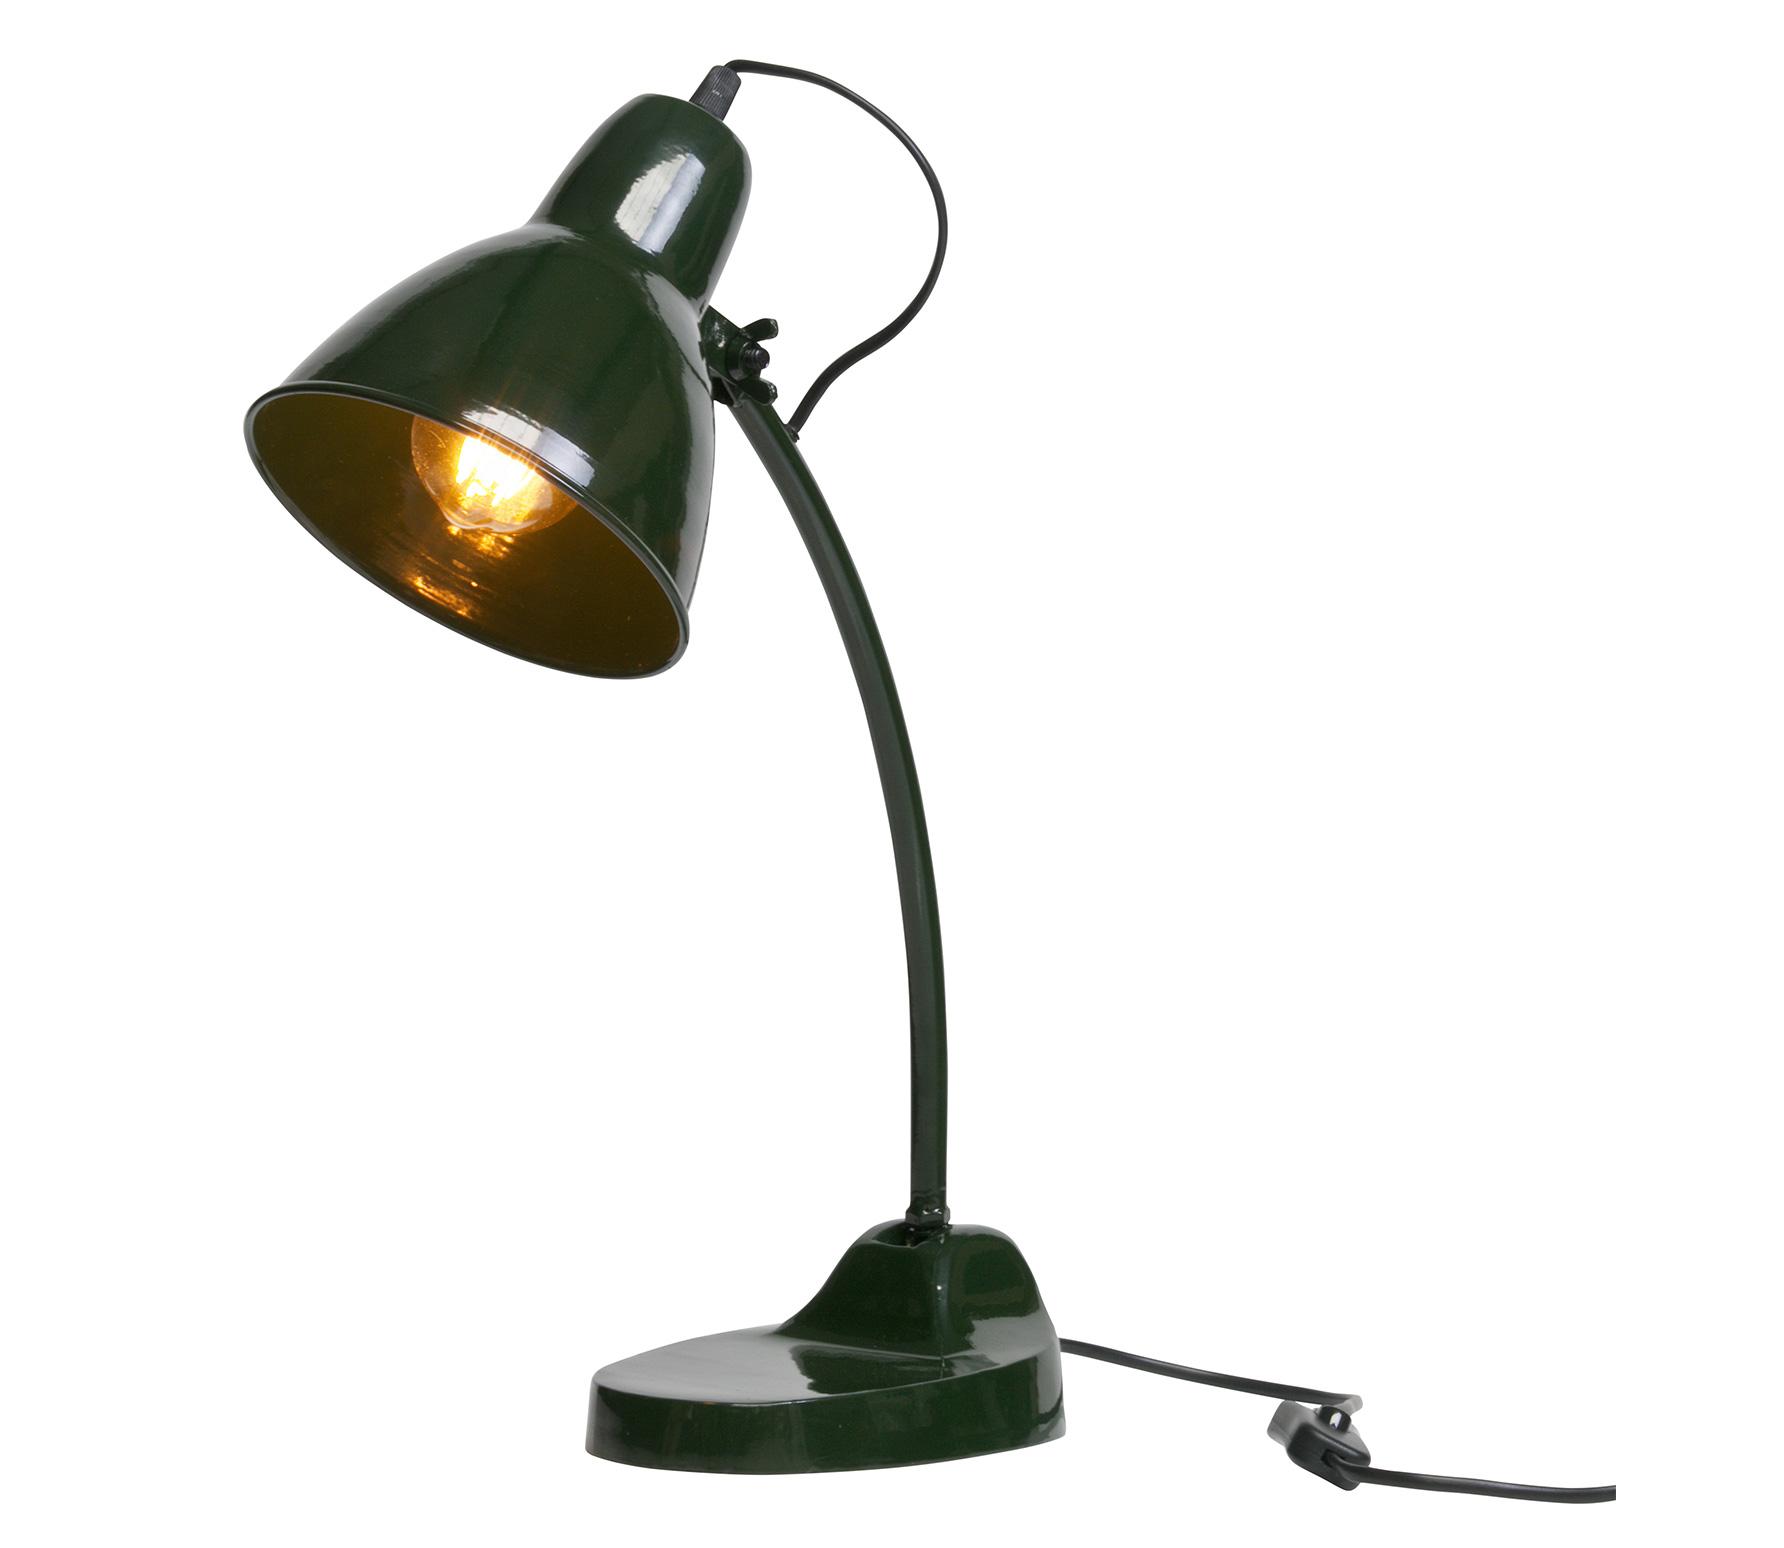 BePureHome Masterpiece Tafellamp Metaal - Groen